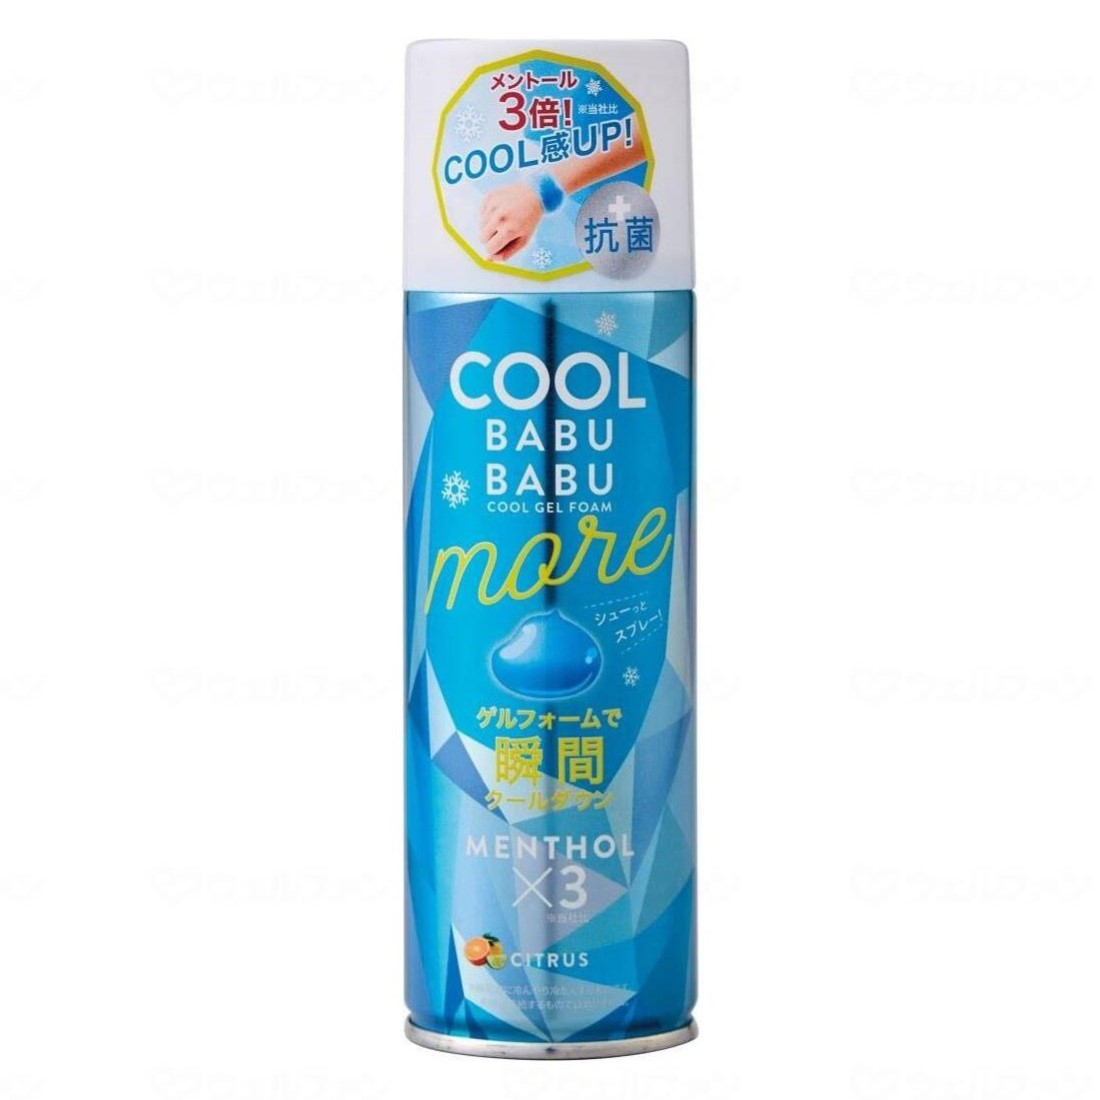 熱中症対策グッズ 70%OFFアウトレット 冷たいスプレー 冷却ジェル 暑い夏に最適 瞬間クールダウン 熱中症対策 MORE コジット 冷却スプレージェル 夏用 BABUBABU COOL 人気の製品